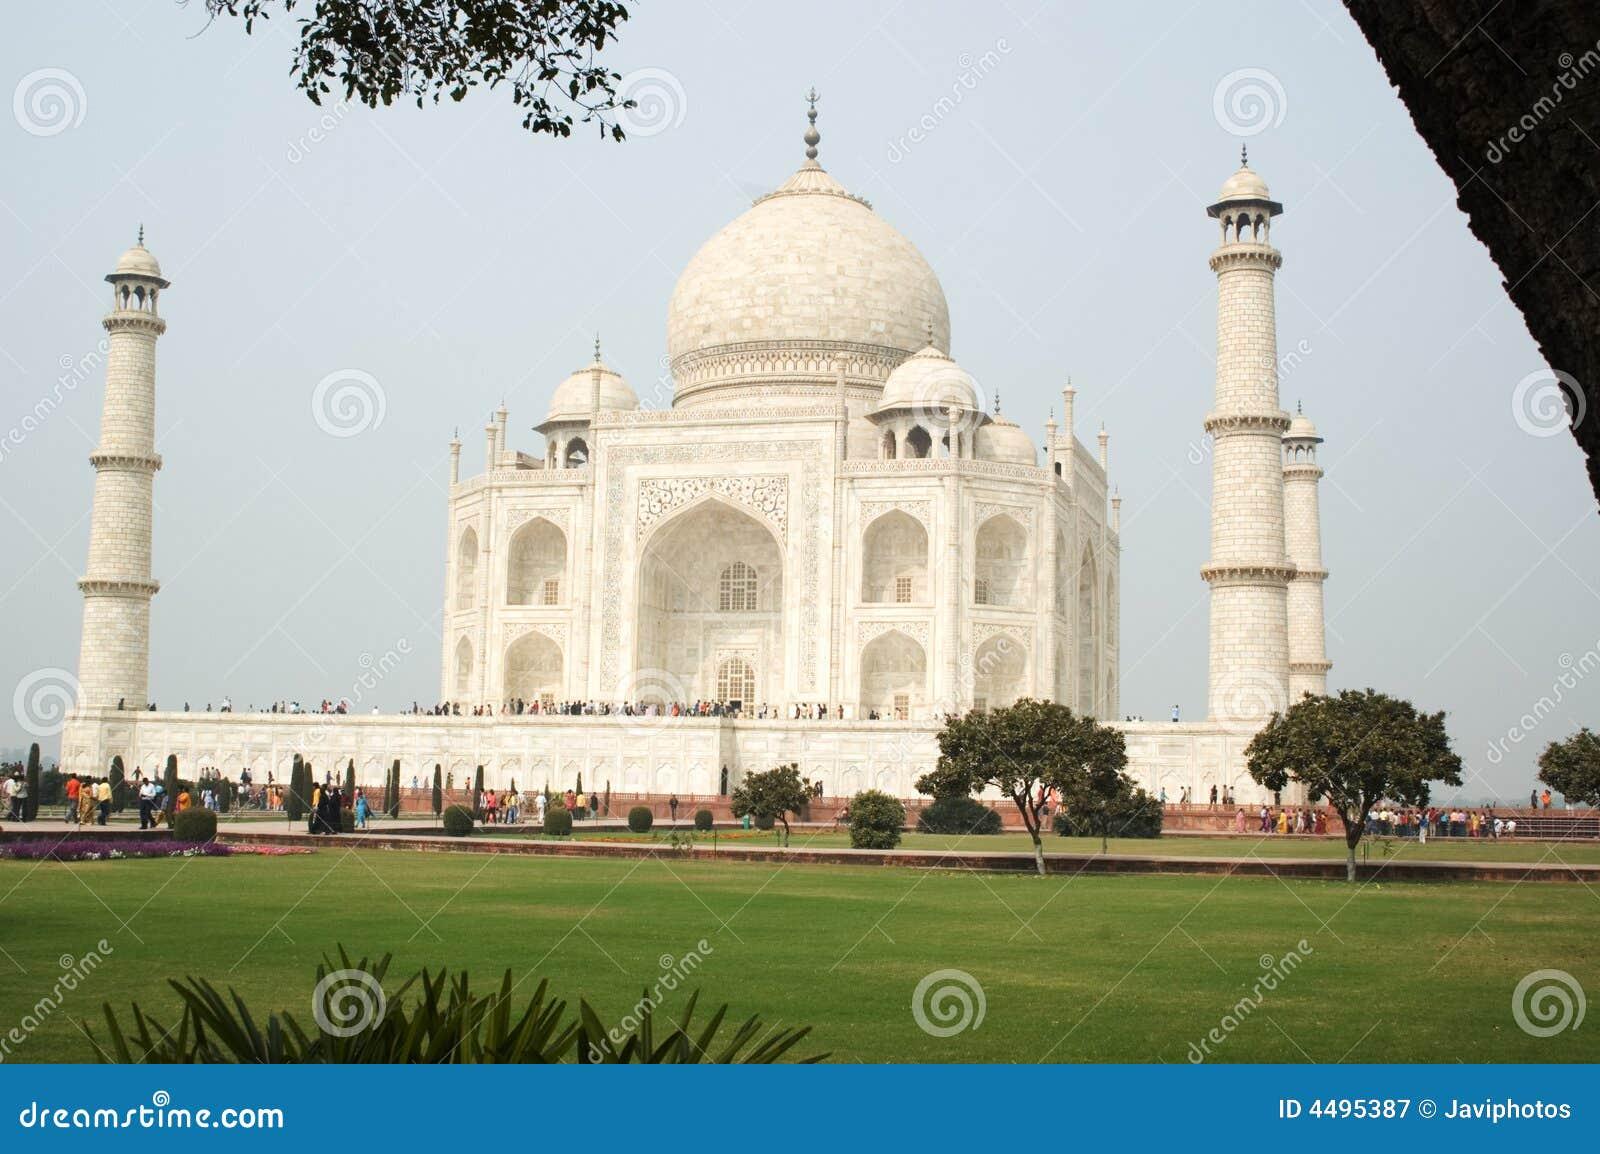 Taj Mahal Pictures Scenic Travel Photos: Taj Mahal Agra India Royalty Free Stock Photography